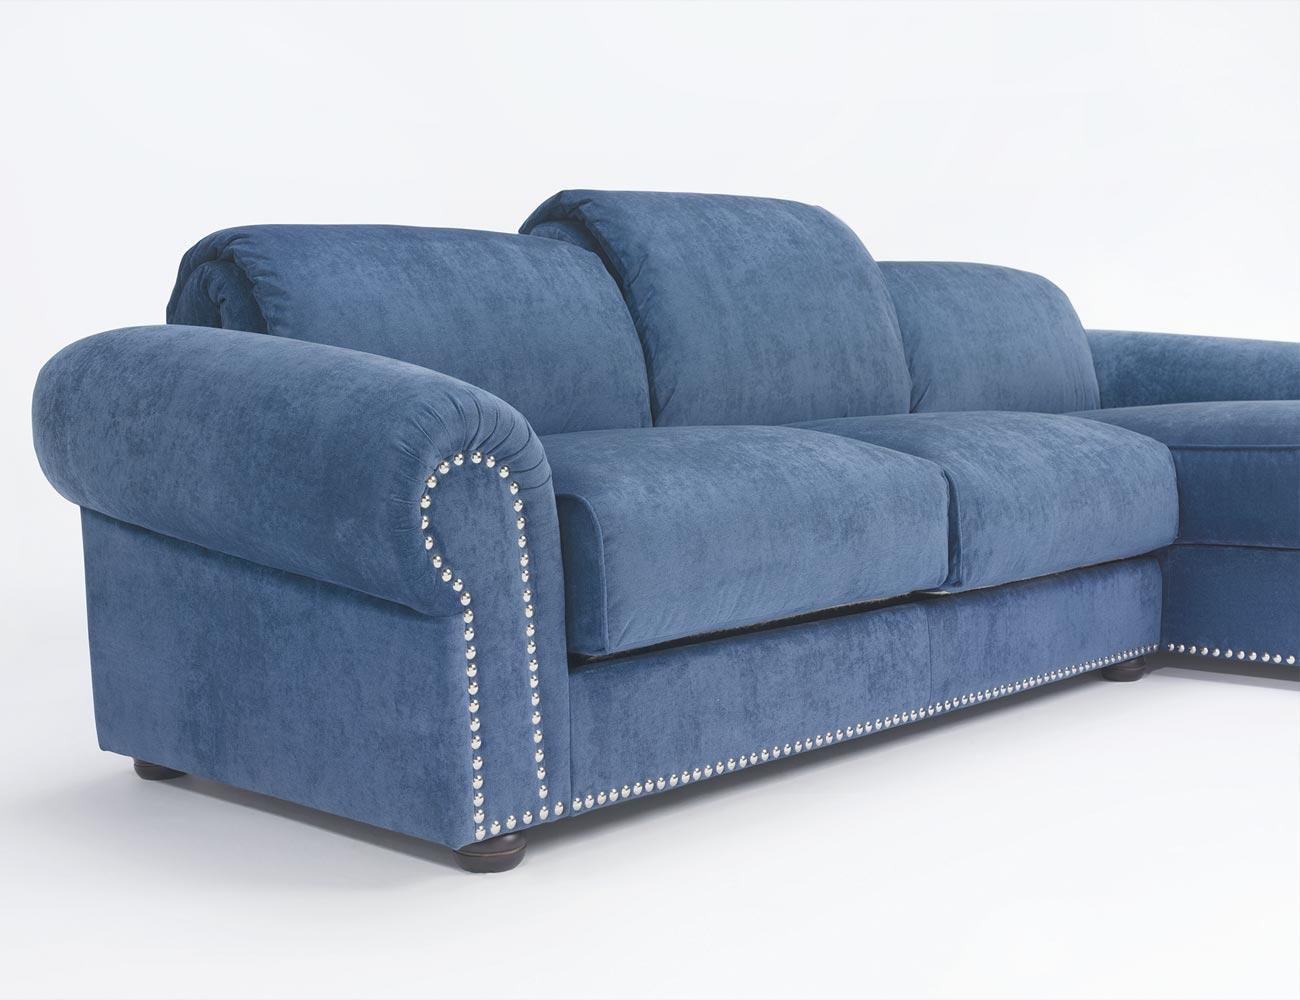 Sofa chaiselongue gran lujo decorativo azul 114